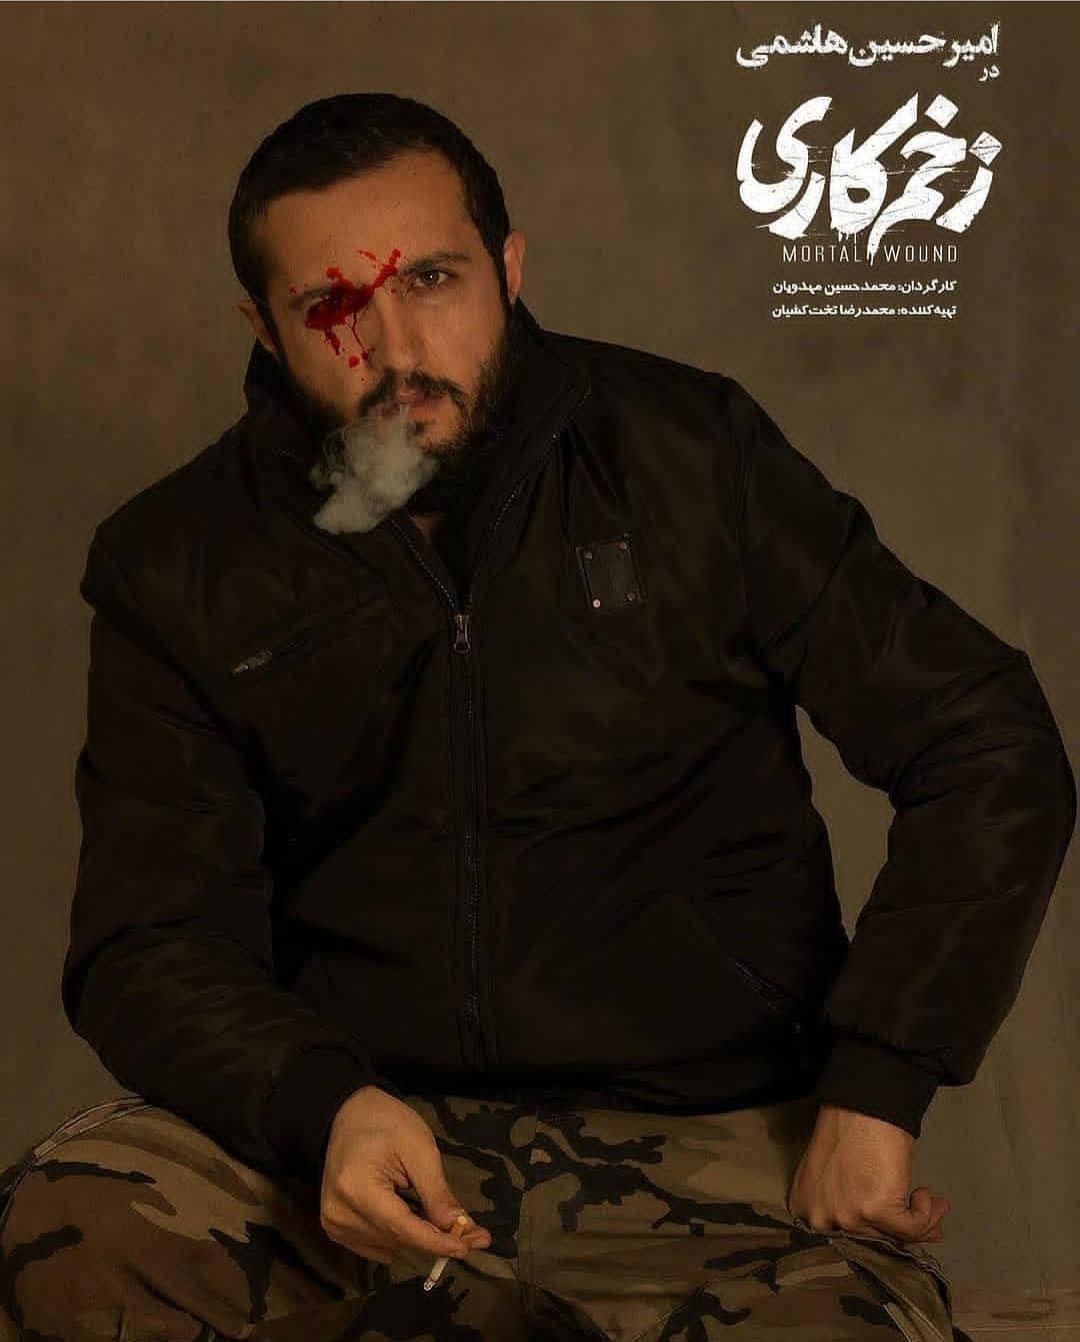 امیرحسین هاشمی در سریال زخم کاری